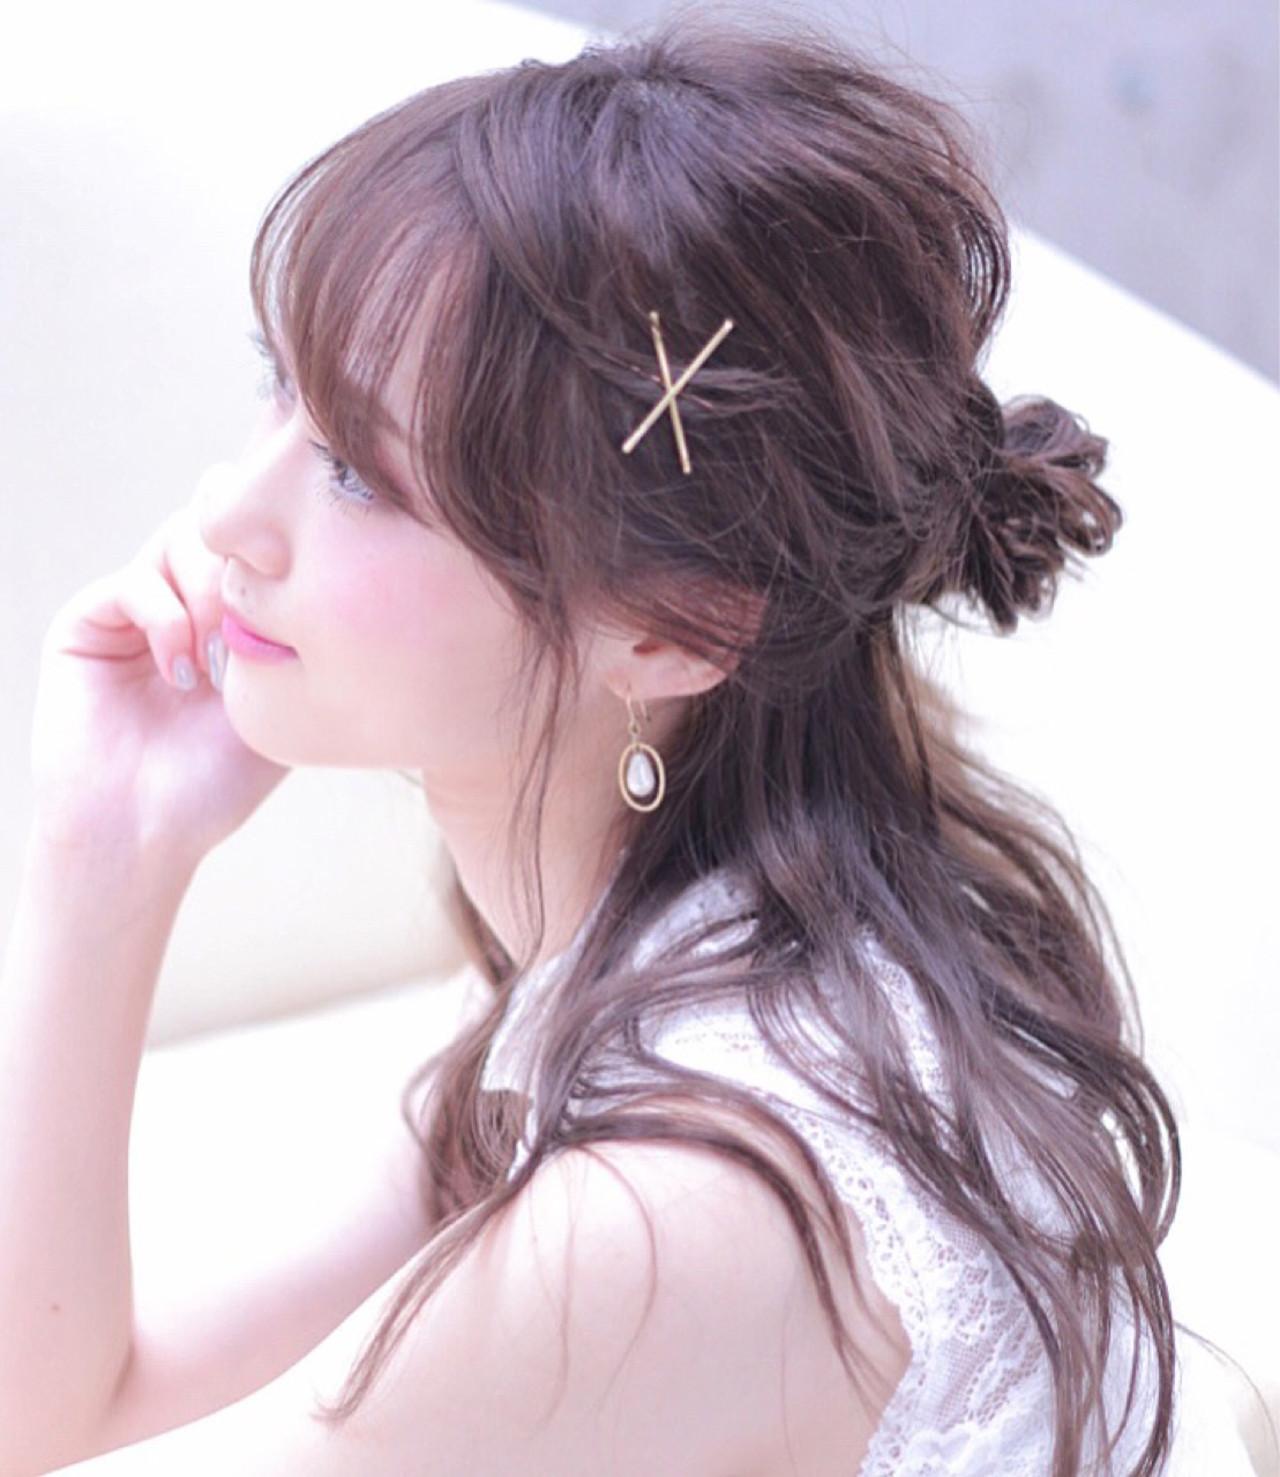 お団子 ハーフアップ フェミニン 女子会 ヘアスタイルや髪型の写真・画像